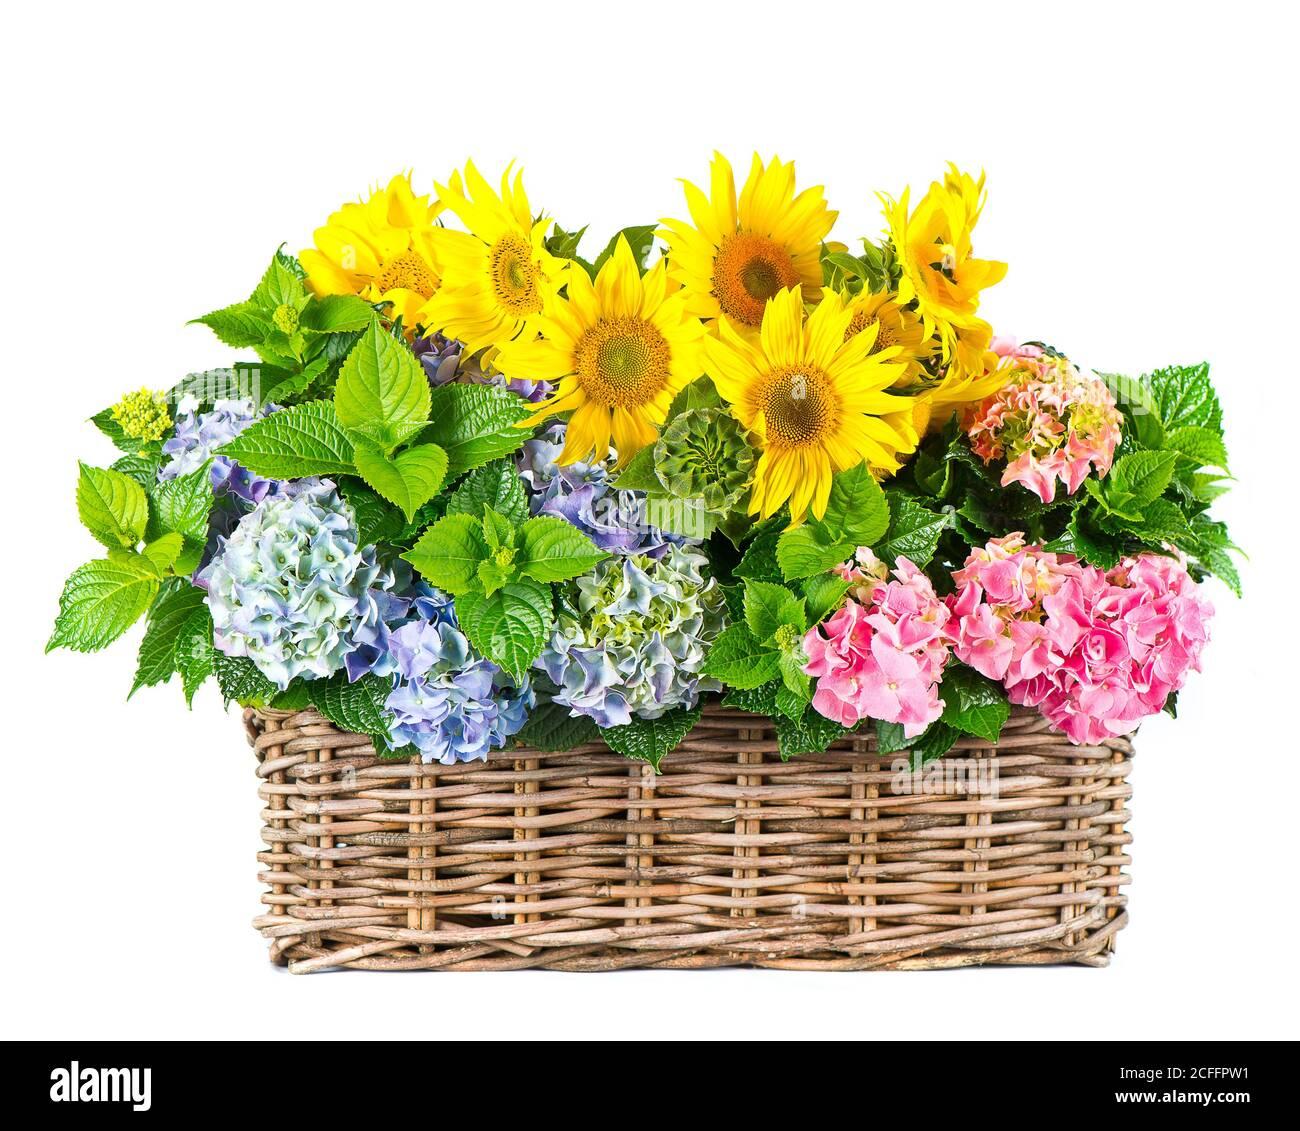 Tournesols et fleurs d'hortensia isolées sur fond blanc Banque D'Images